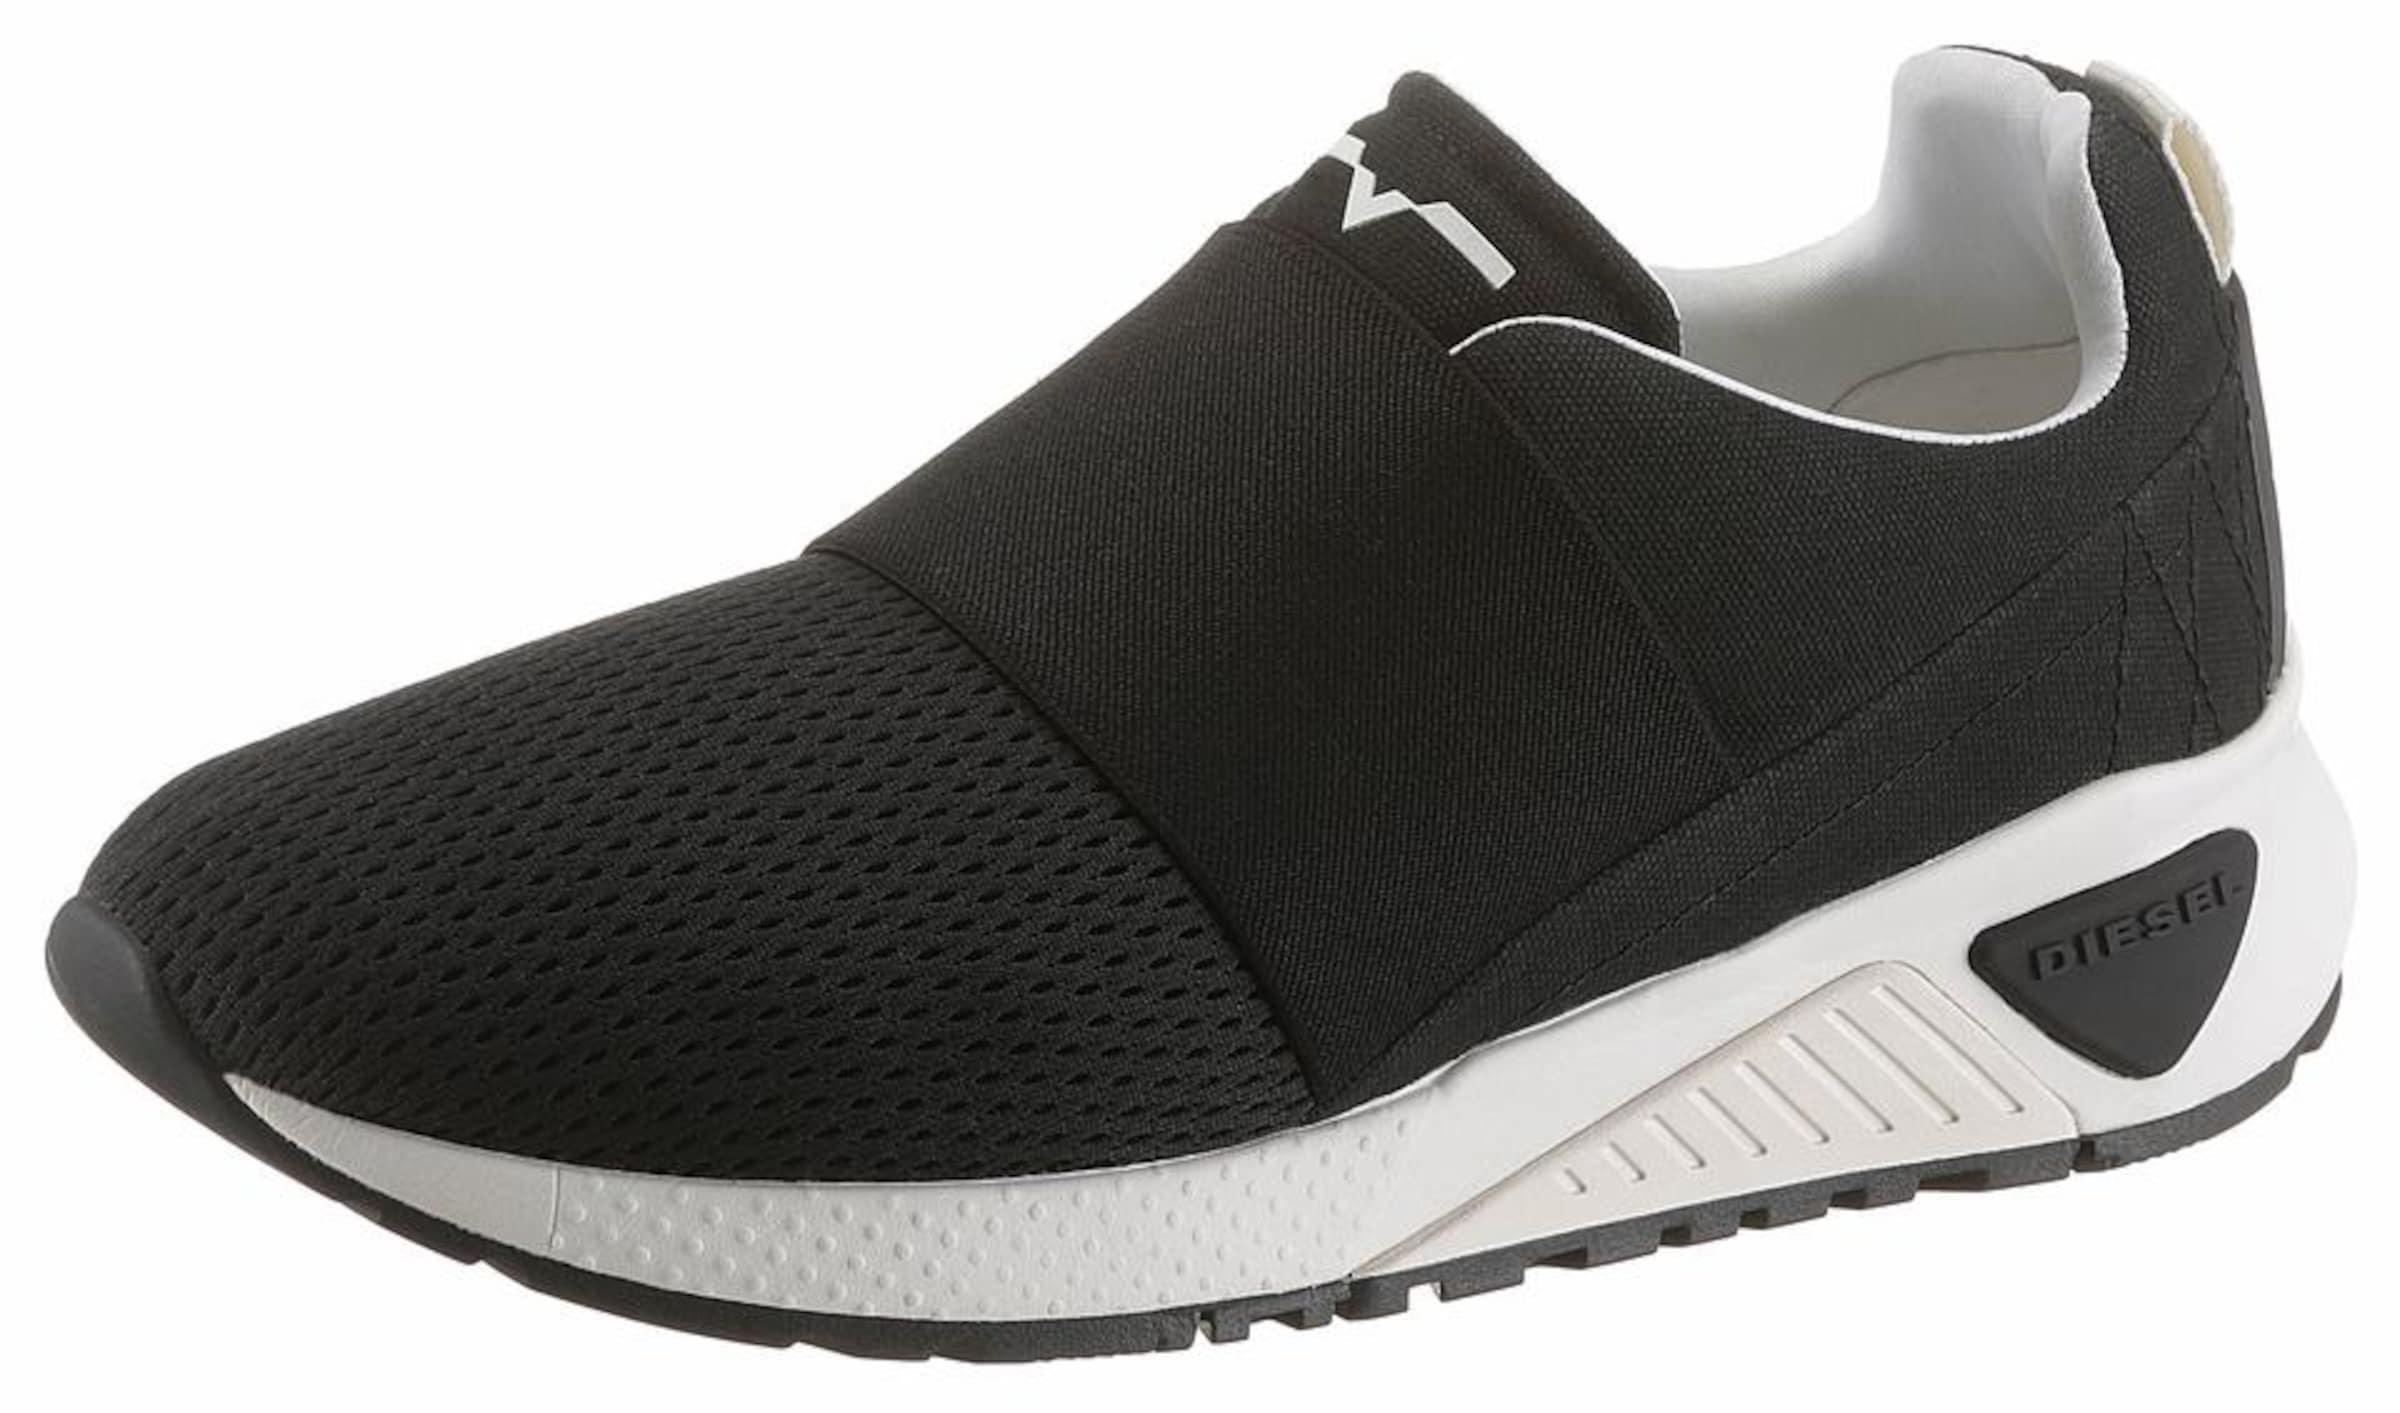 DIESEL Sneaker Verschleißfeste billige Schuhe Hohe Qualität